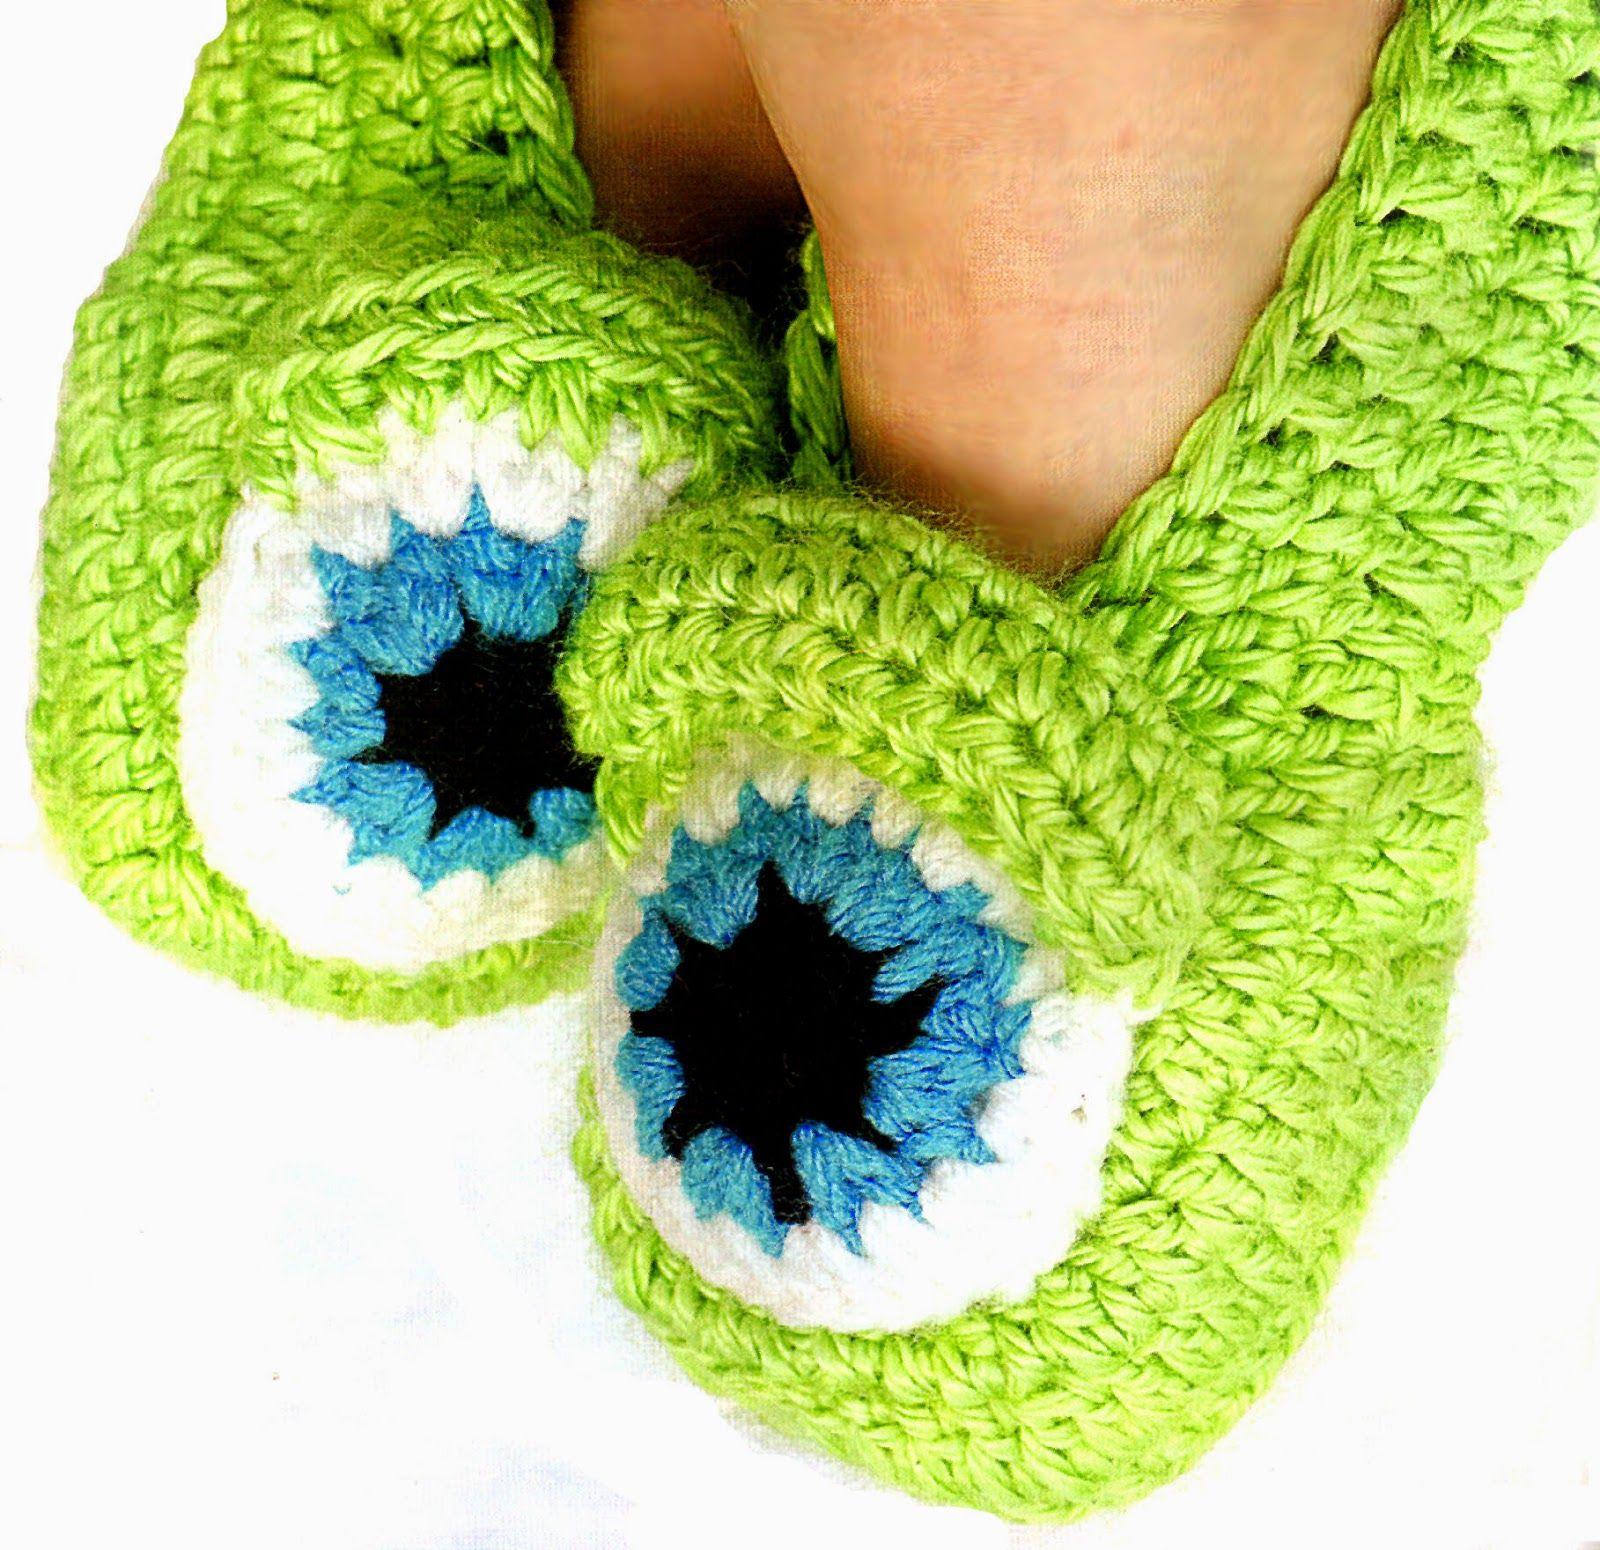 tejidos artesanales en crochet: zapatitos tejidos en crochet (modelo ...